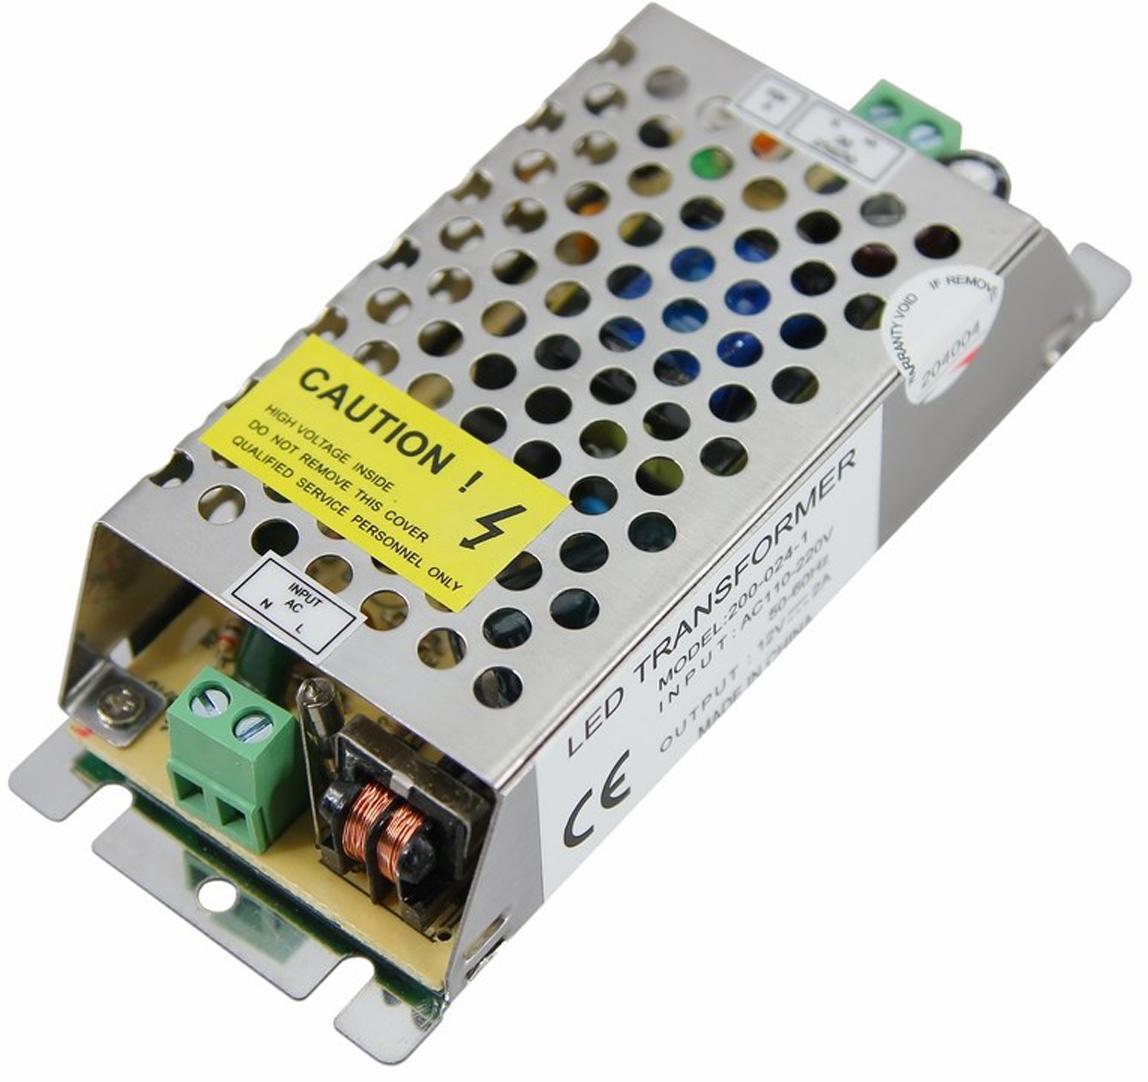 Источник питания можно использовать не только для LED продукции, но и для систем безопасности, видеонаблюдения и питания любых других низковольтных систем. Данная модель имеет мощность 24 Вт и разъемы под винт для подключения.